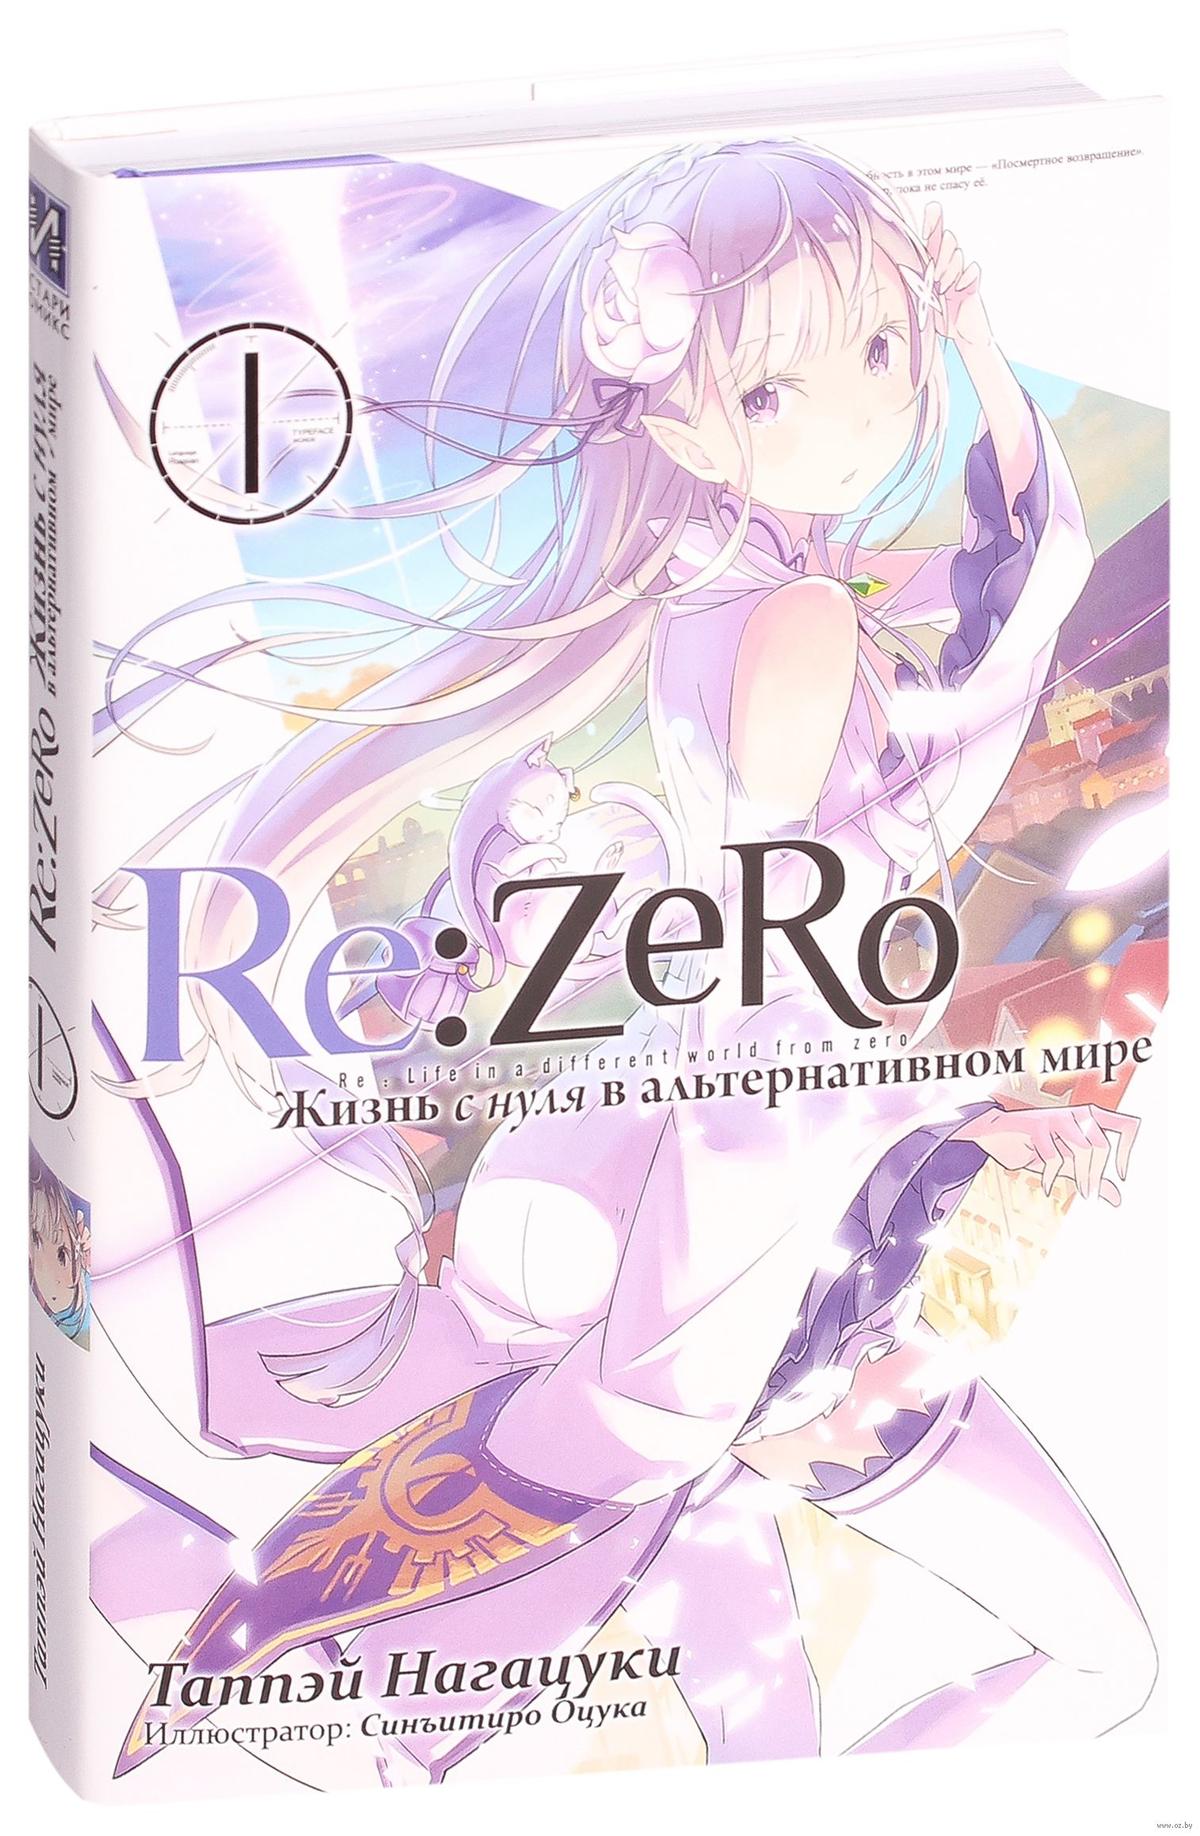 [ГоХаниме] Re:Zero. Вы тоже ненавидите Барусу, потому что он так похож на вас?